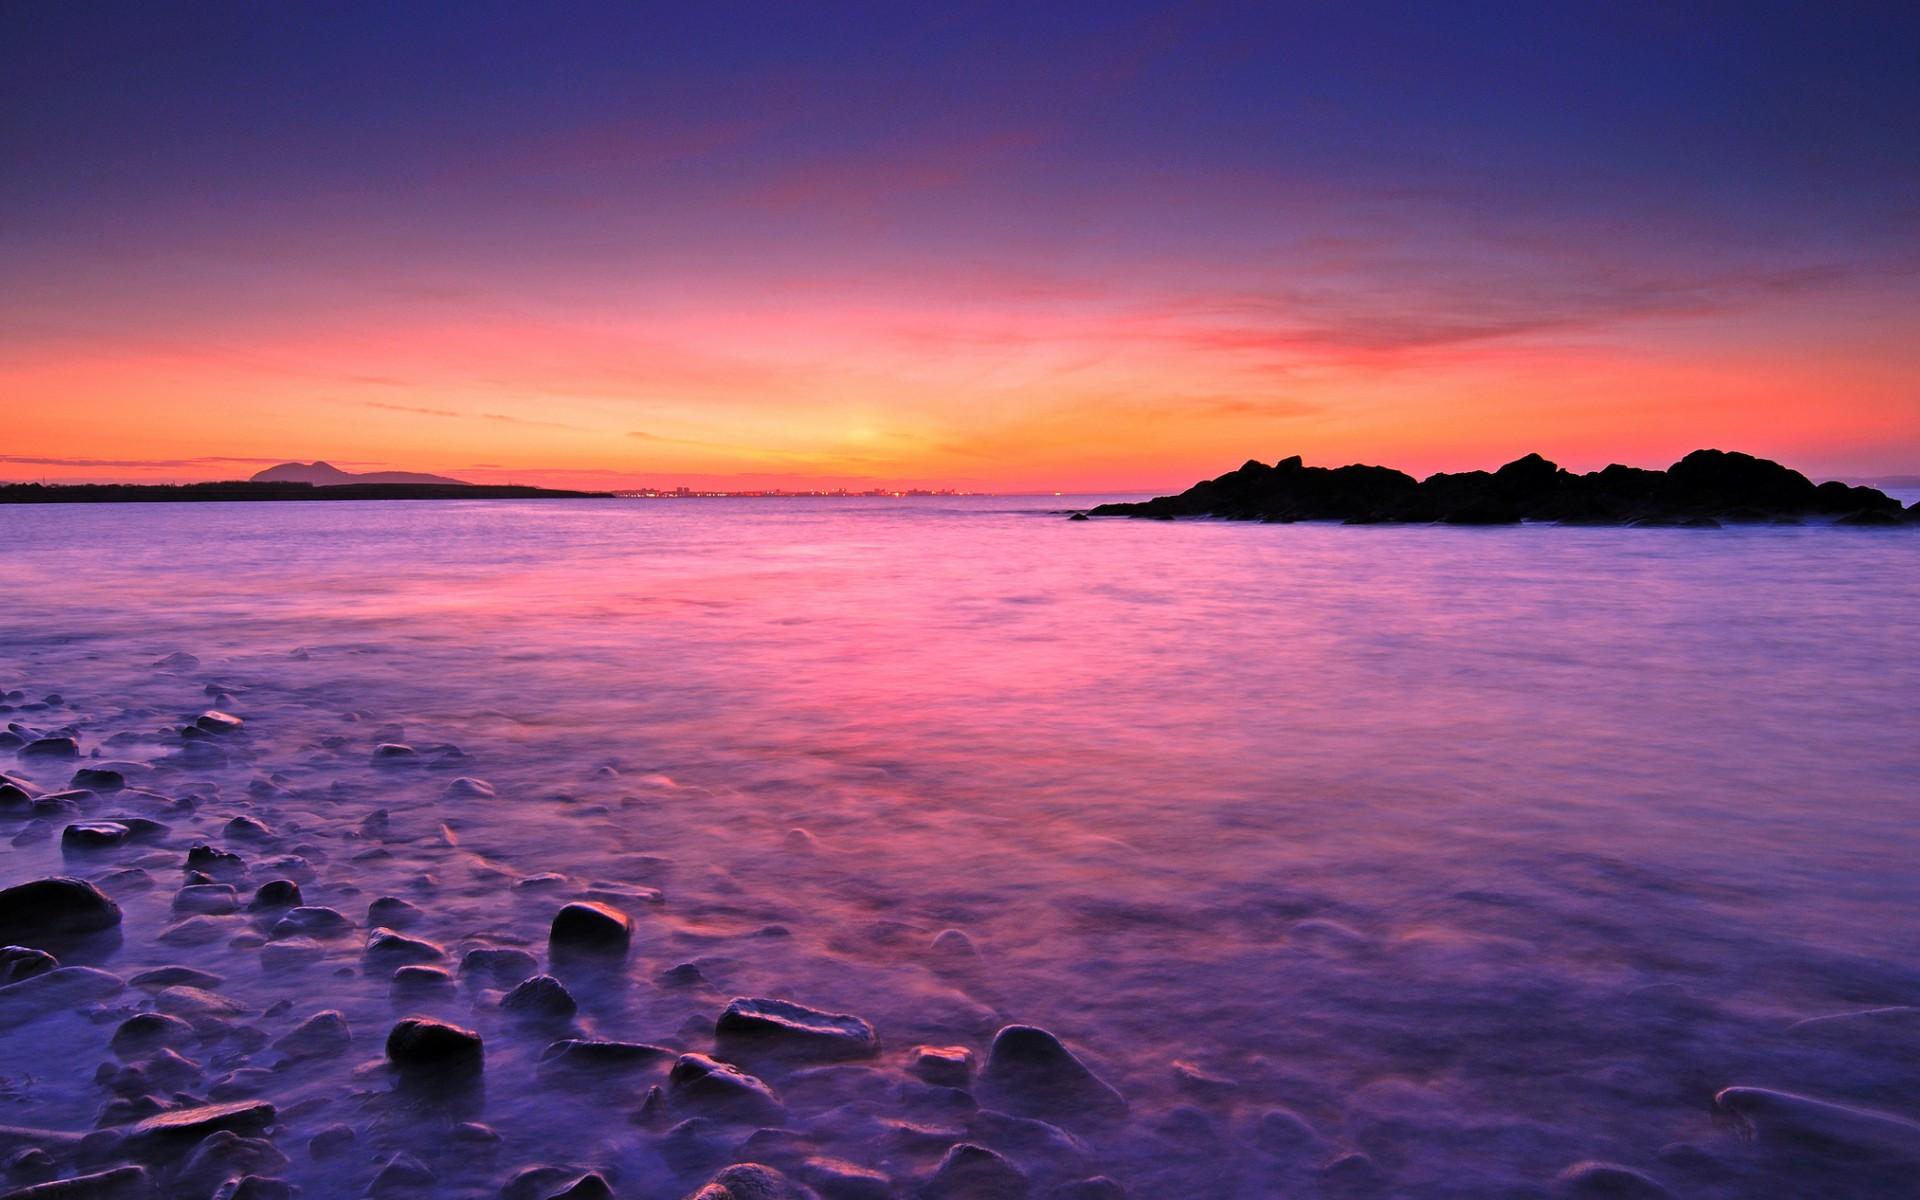 Amanecer en playa rocosa - 1920x1200